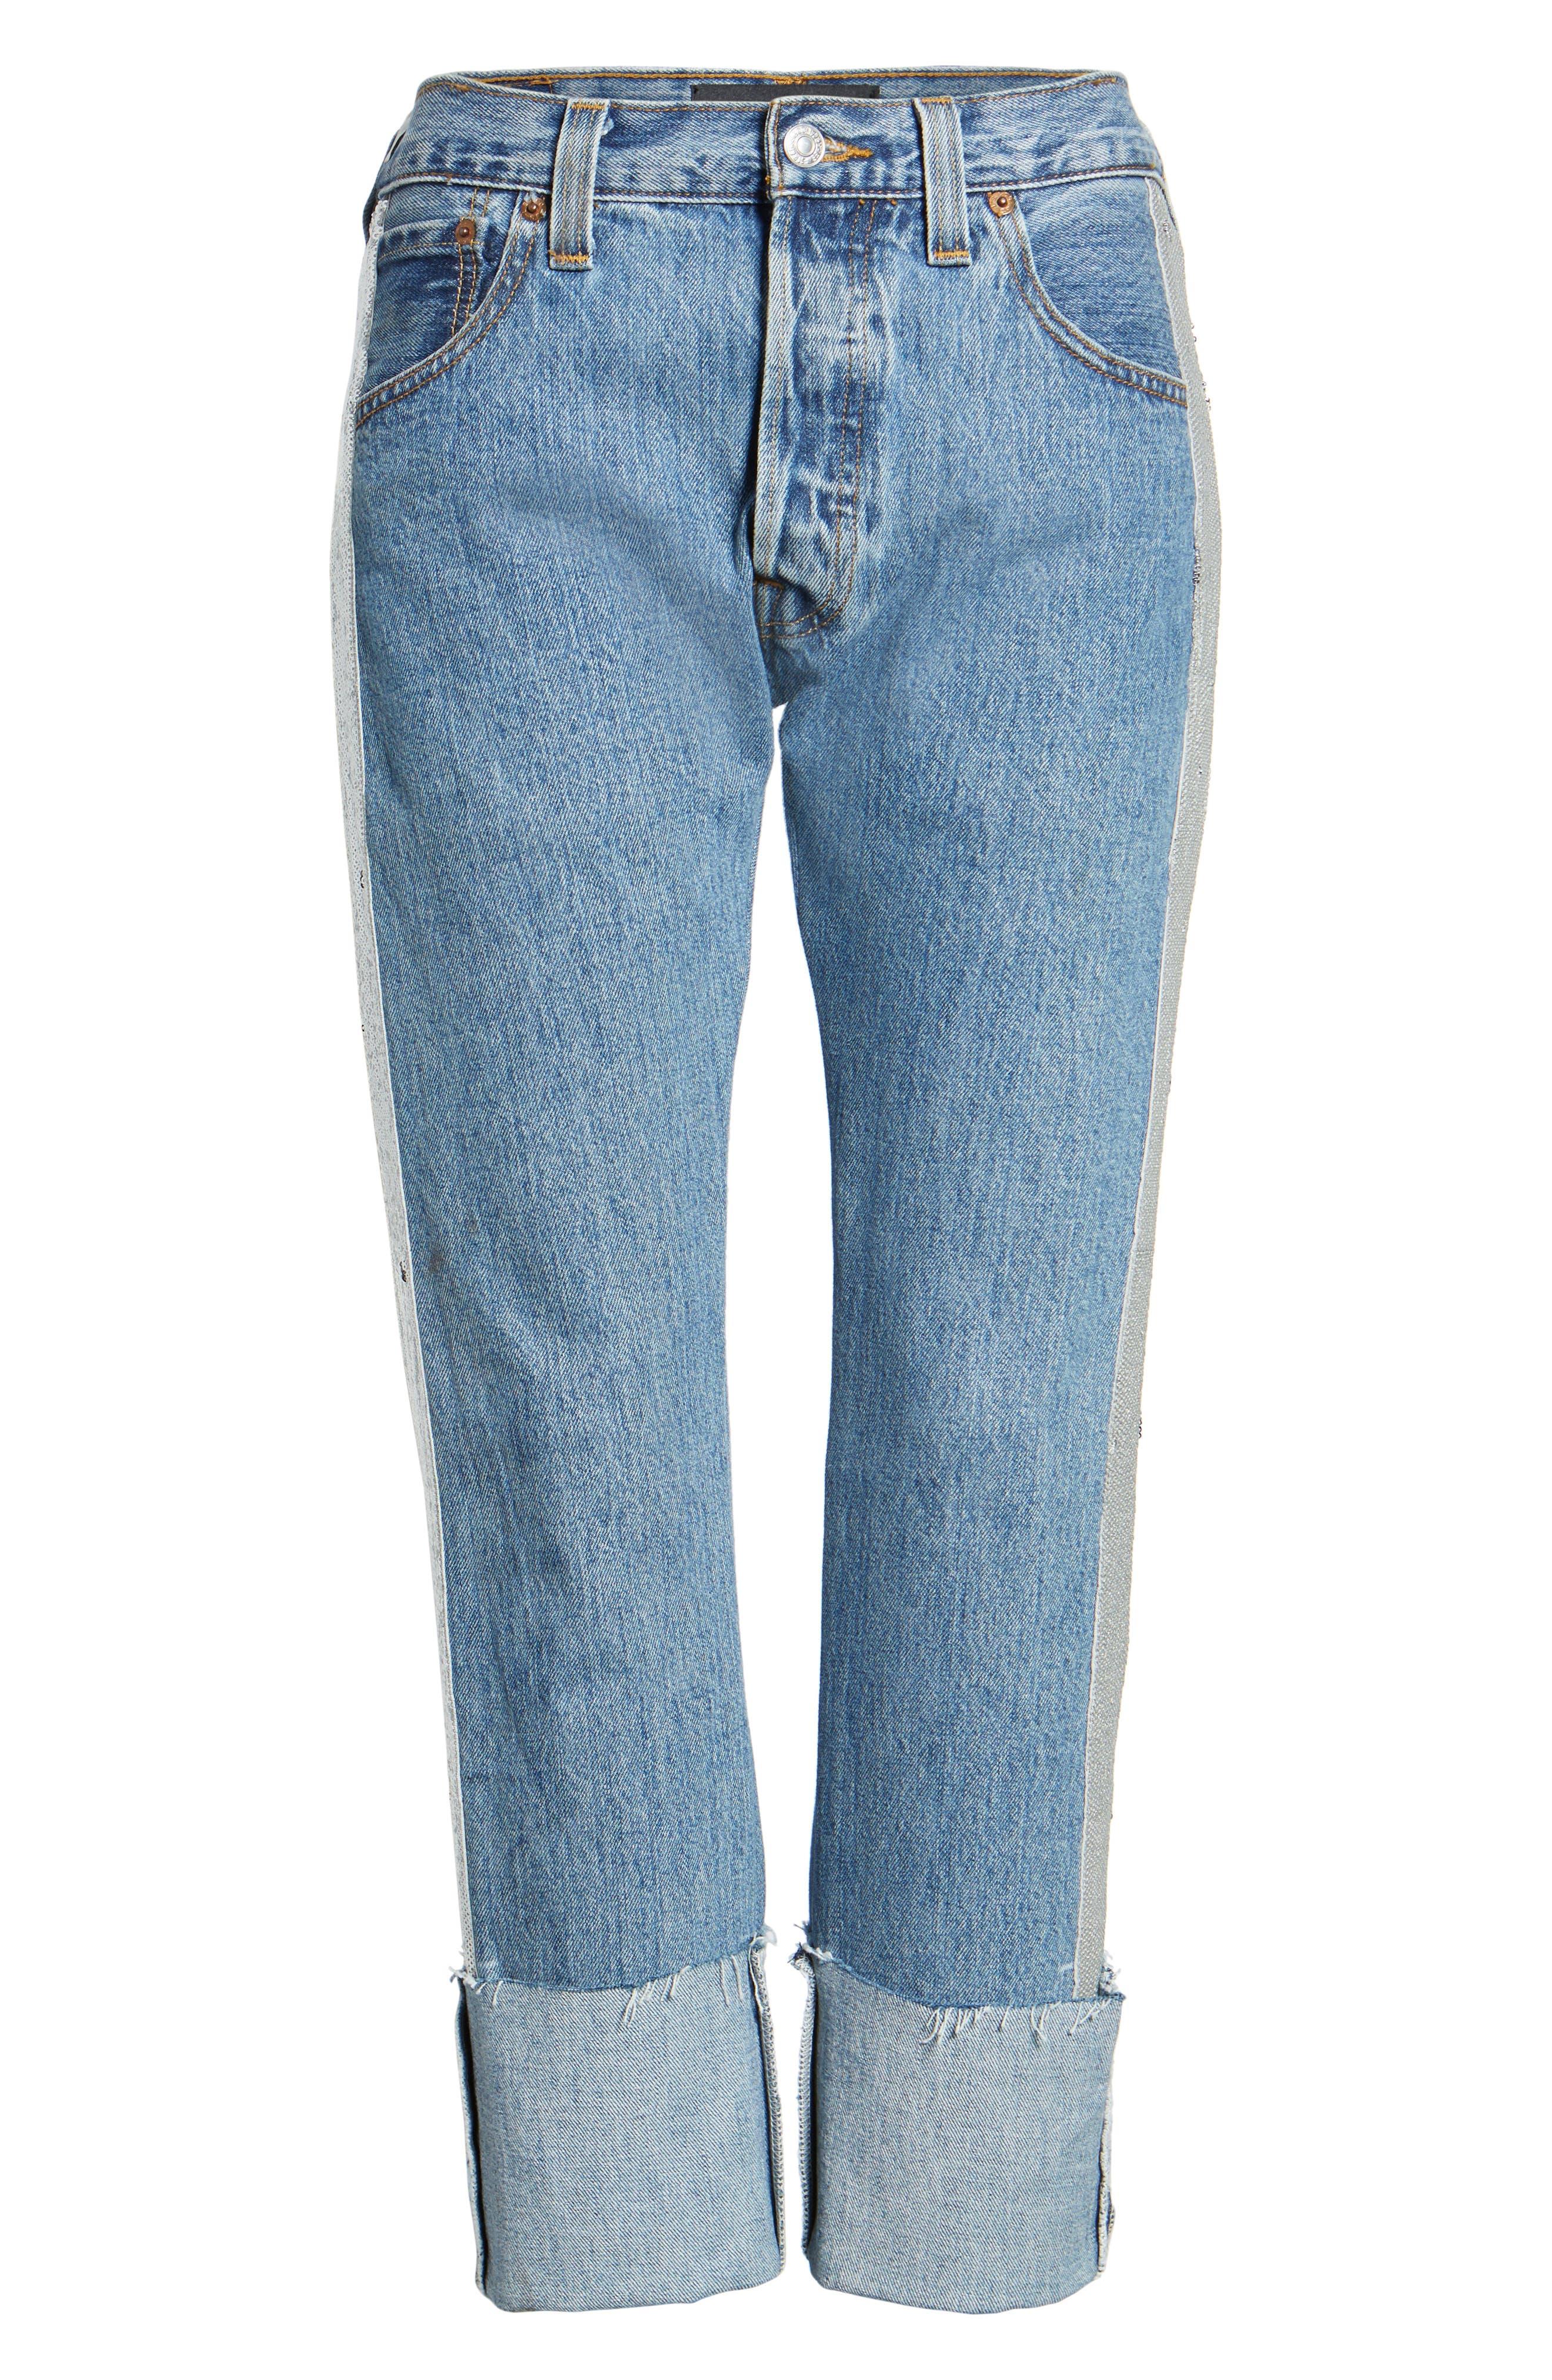 Sequin Boyfriend Jeans,                             Alternate thumbnail 7, color,                             Medium Wash/ Silver